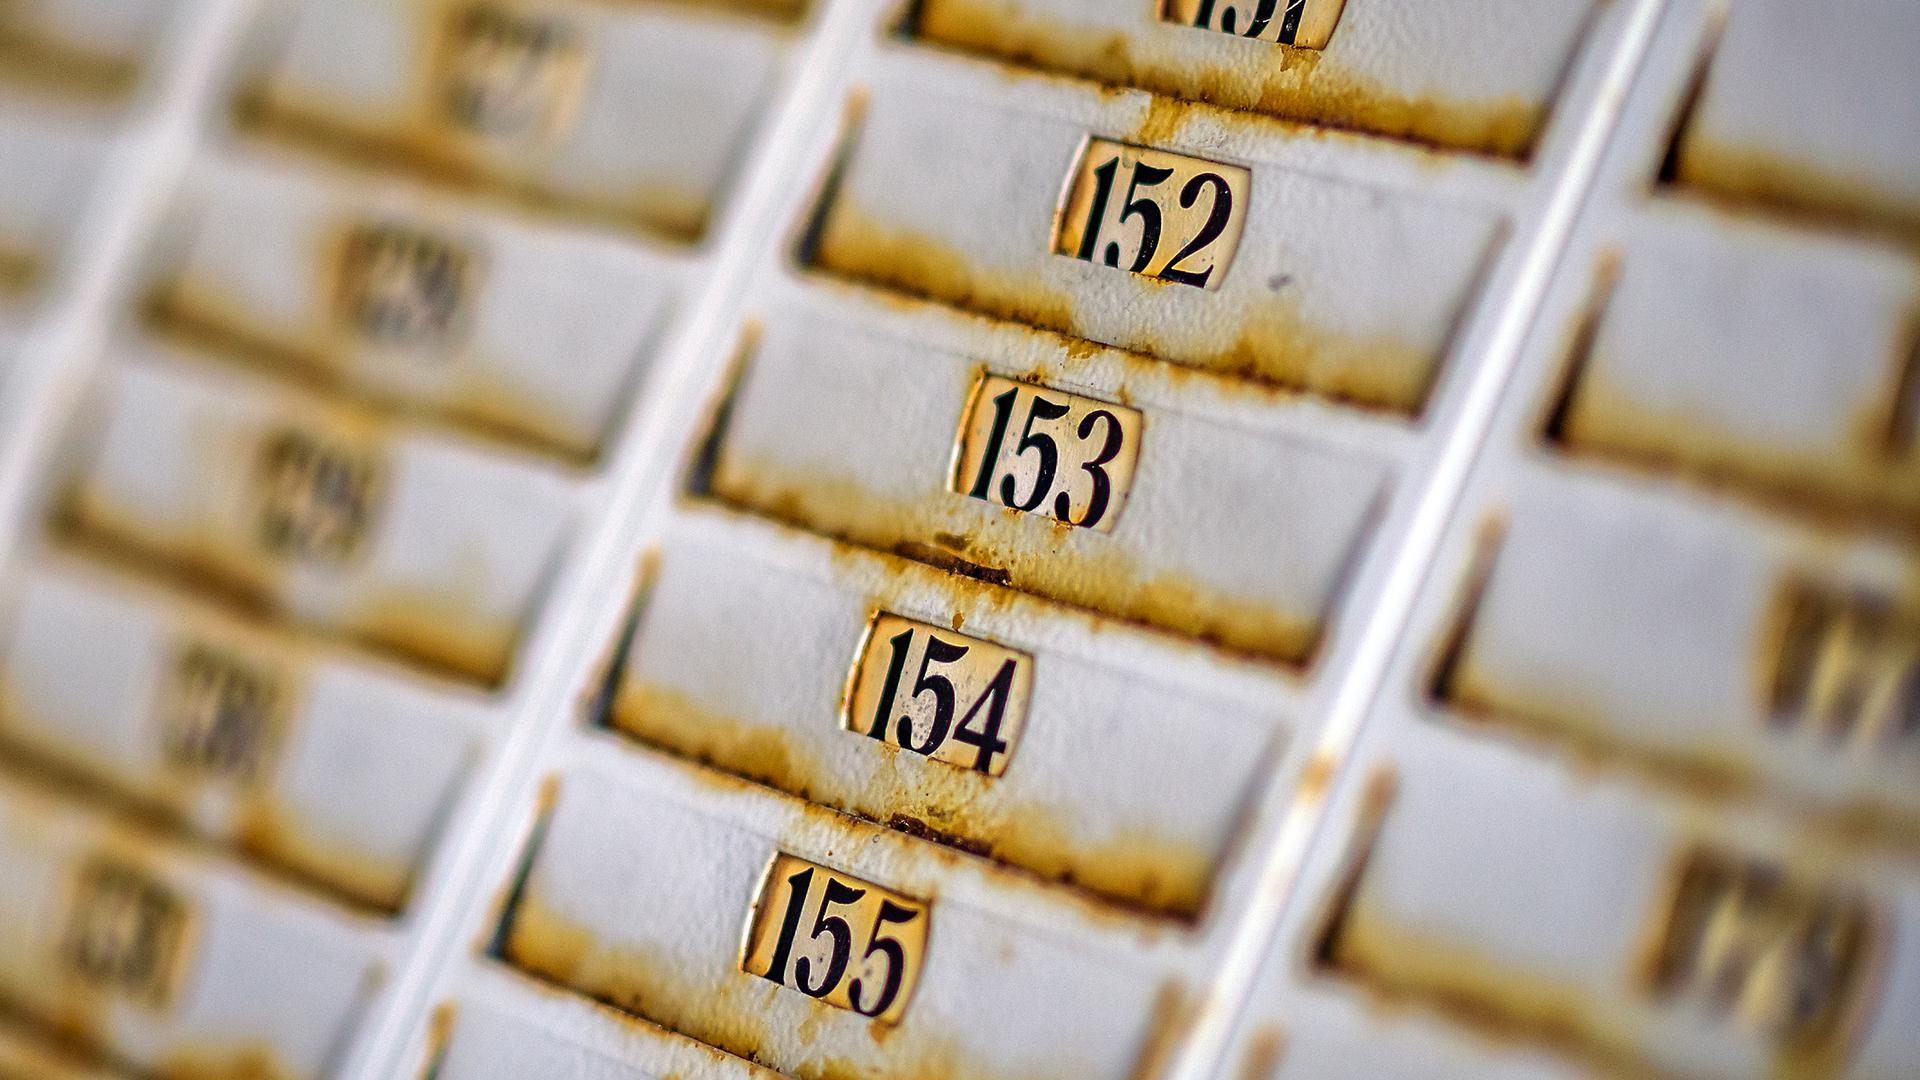 Stempelkartenregal mit alten rostigen und nummerierten Fächern in der ehemaligen Weisenbach-Papierfabrik (ehemals Papierfabrik Holtzmann)